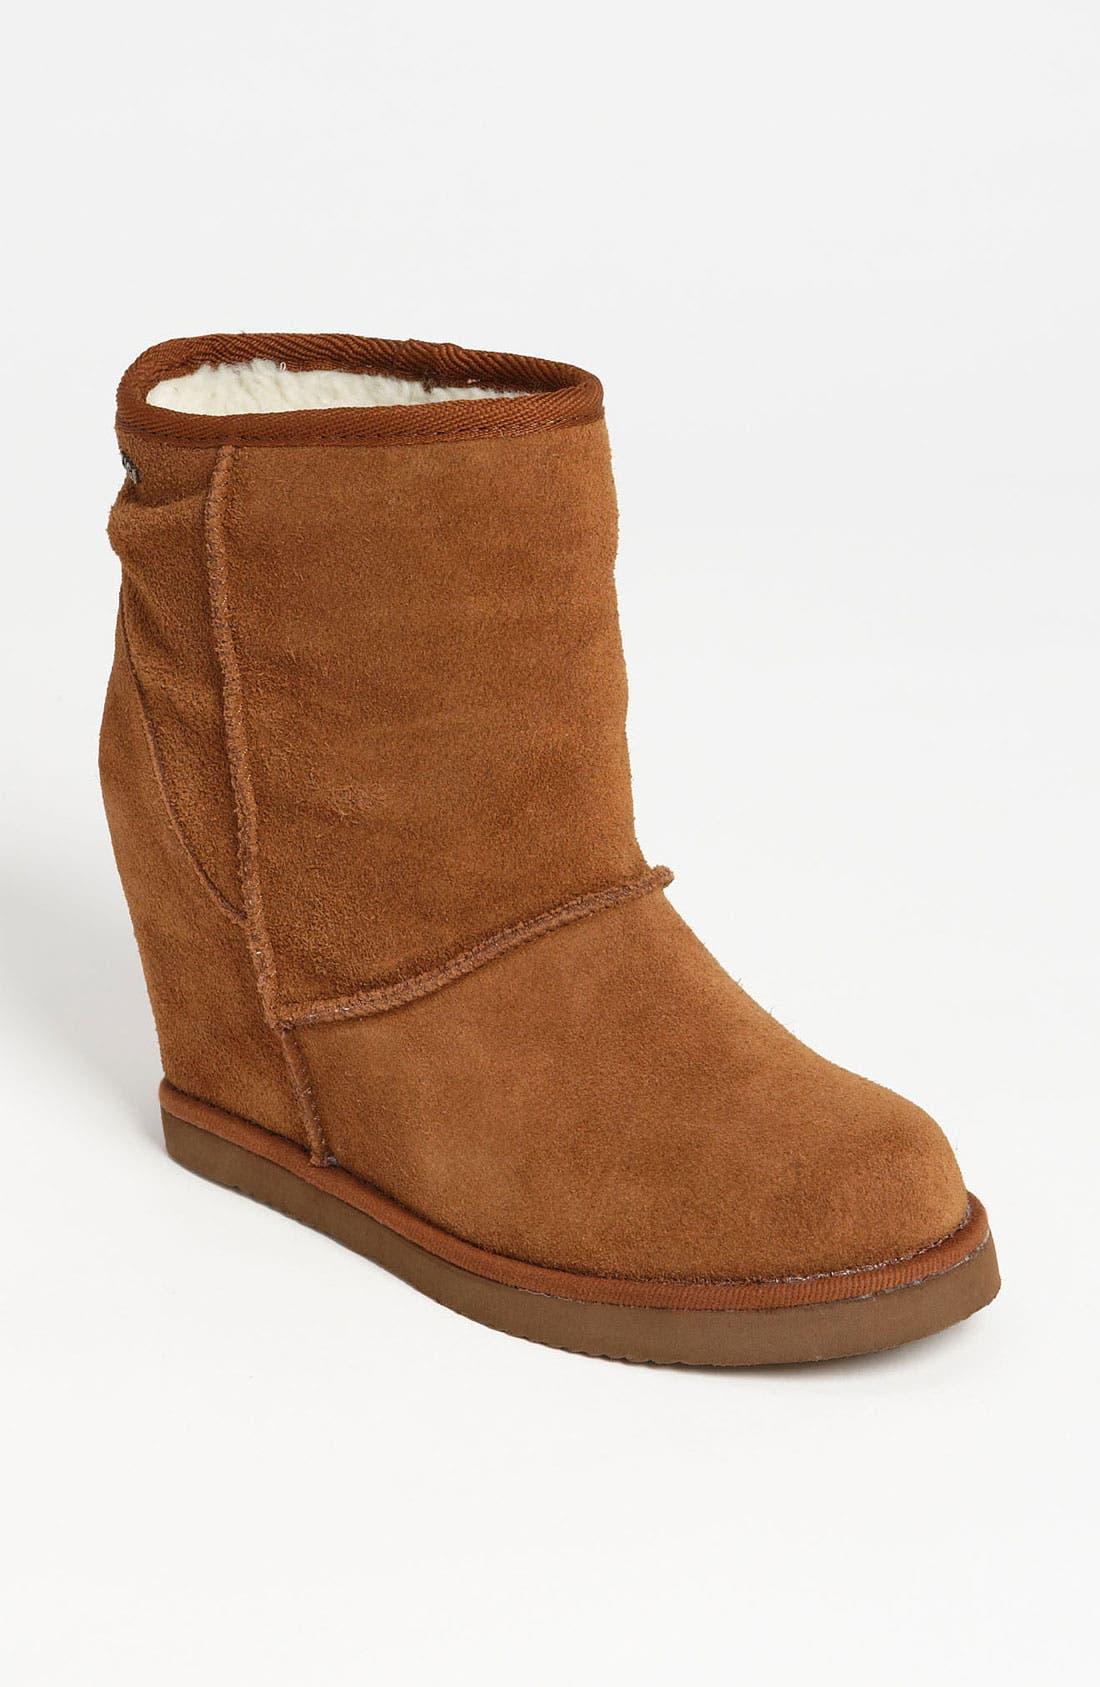 Alternate Image 1 Selected - ZiGi girl 'Kick It Up' Hidden Wedge Boot